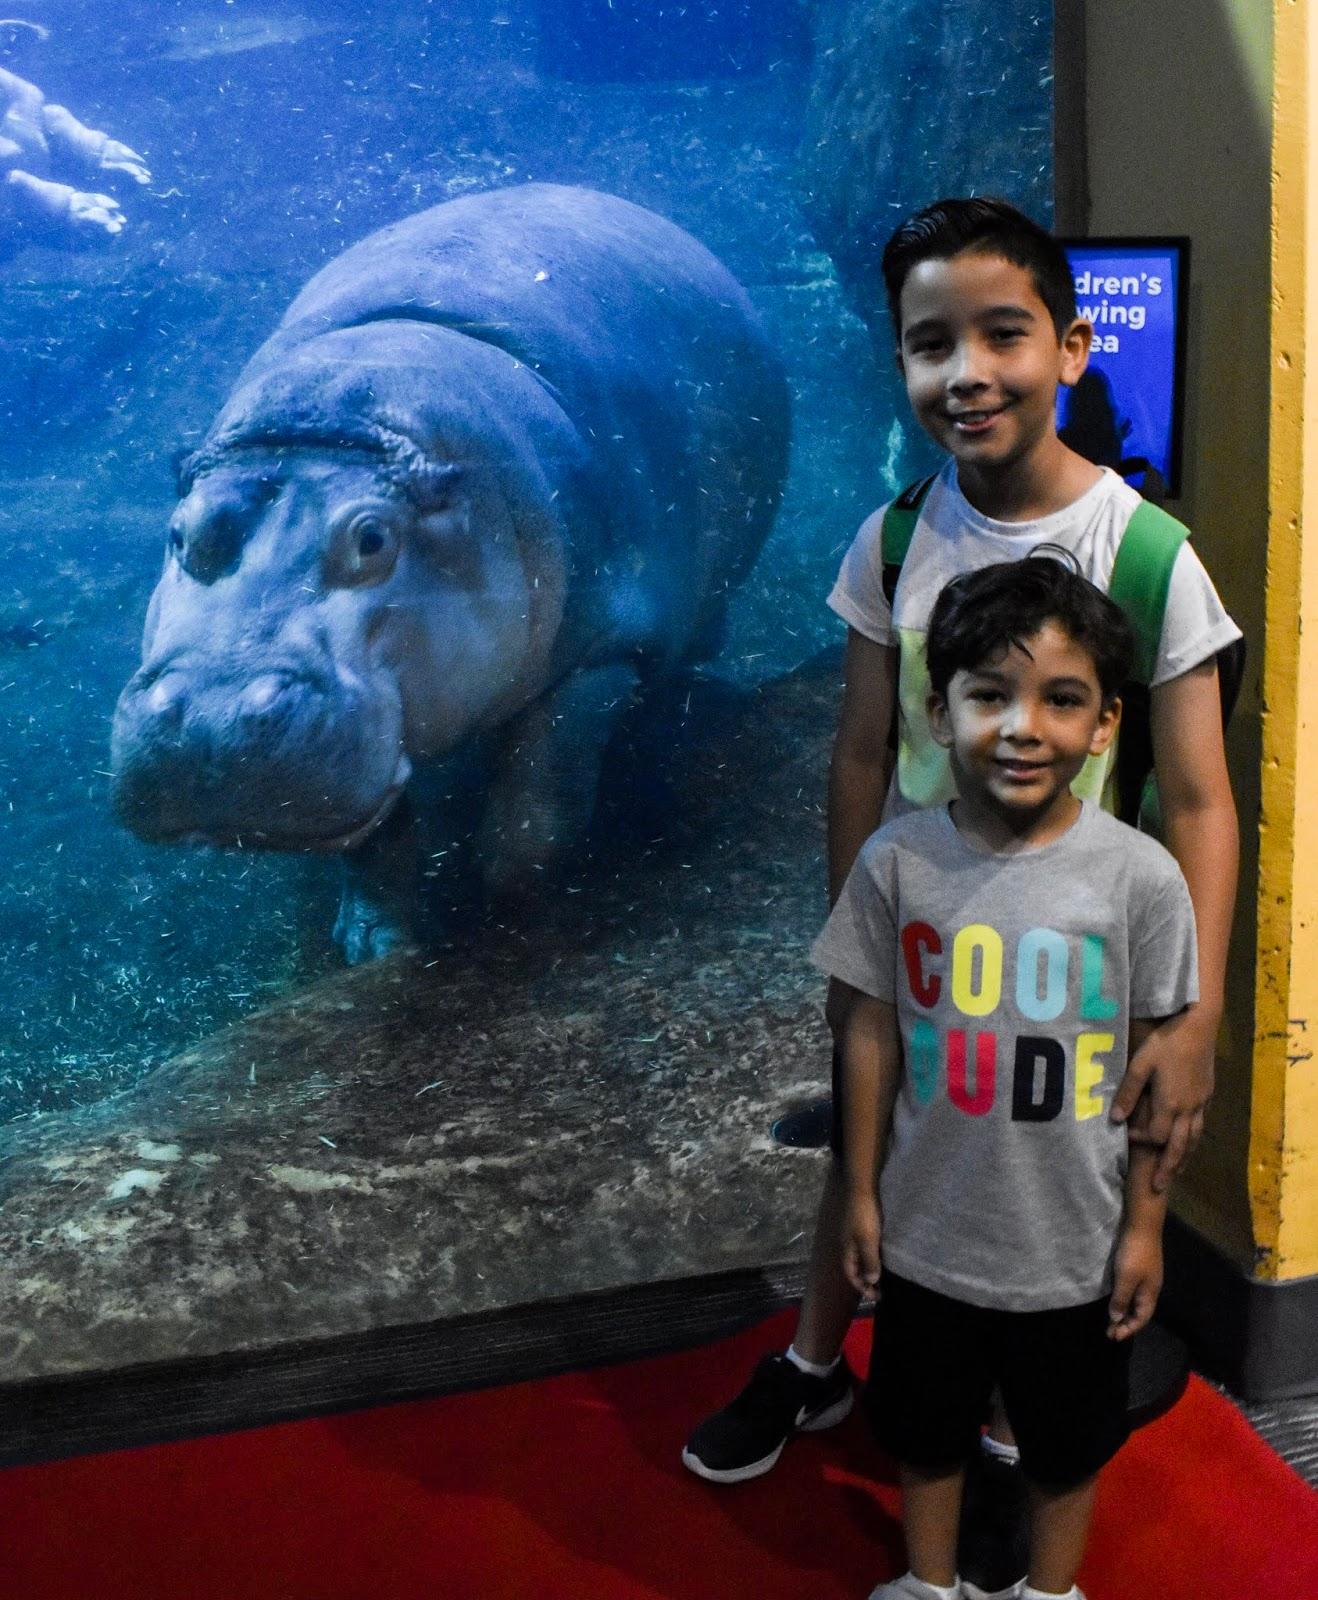 Hippo-Sized Fun at The Adventure Aquarium in NJ - LifeWithGinaG